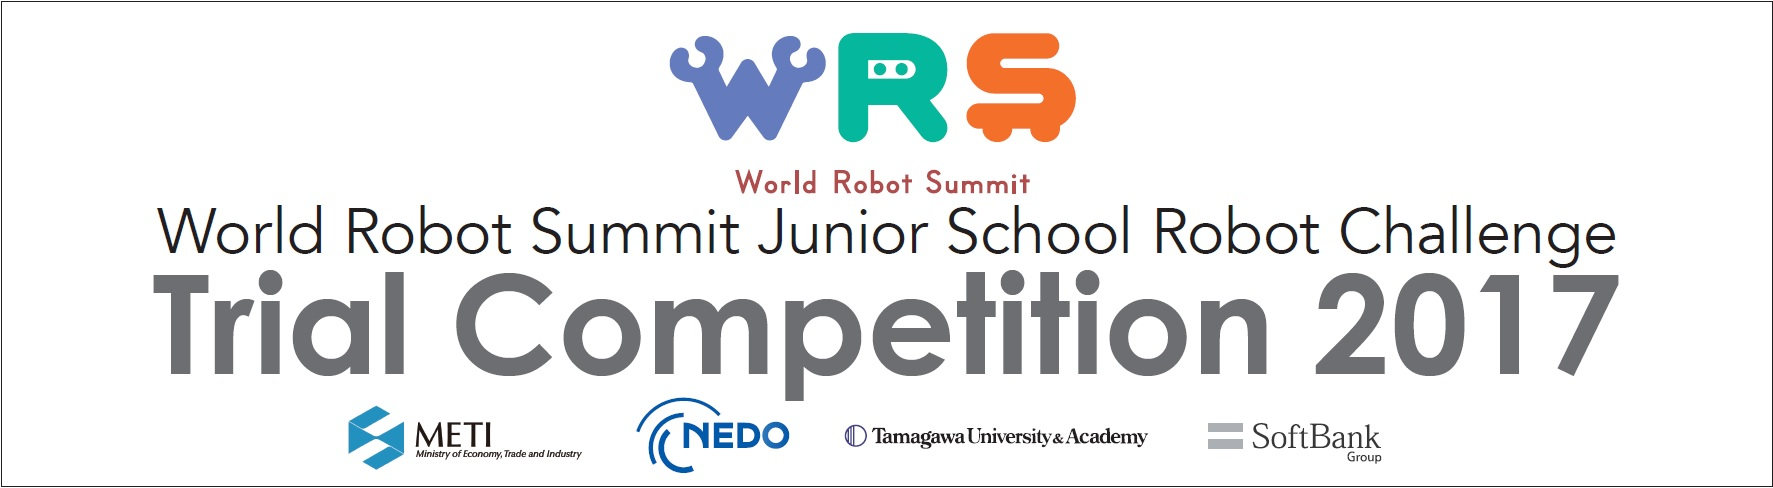 2020年開催(予定)の新大会に向けた初めてのイベントを体験  人とロボットが共生し協働する世界「World Robot Summit」  玉川学園でトライアル競技会(ジュニアカテゴリー)を8/5・6開催